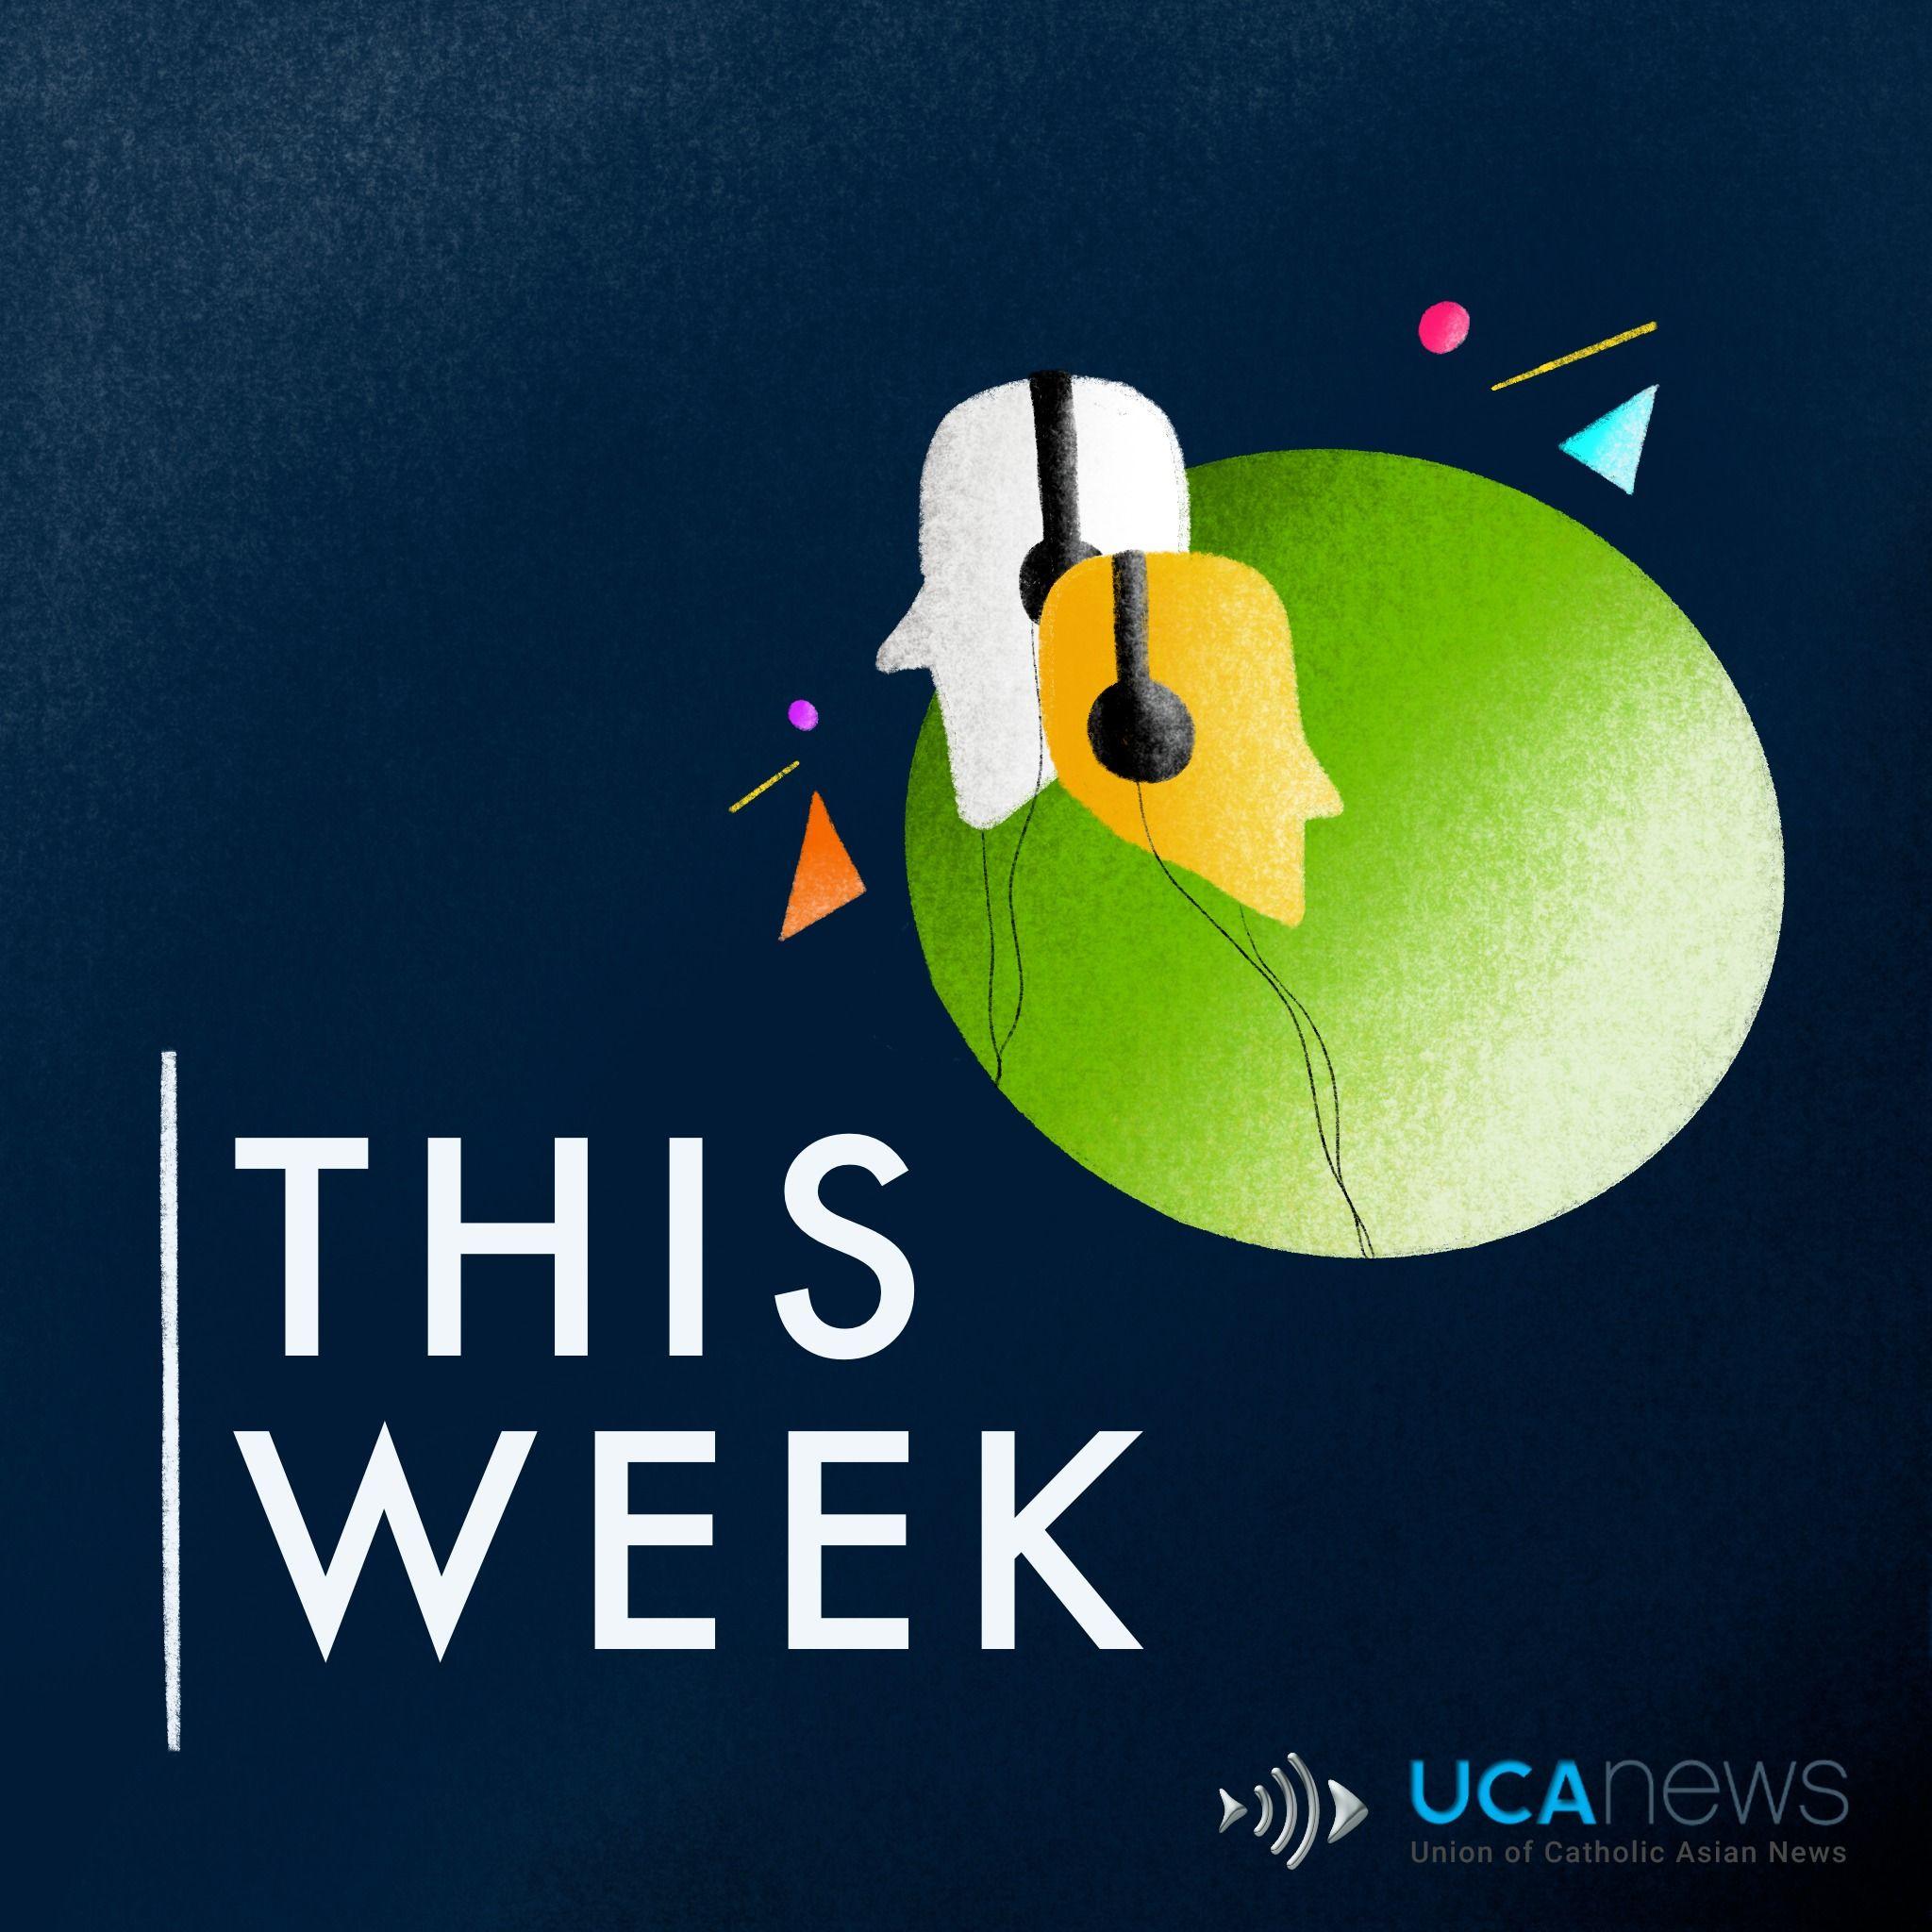 UCA News Weekly Summary, July 2, 2021